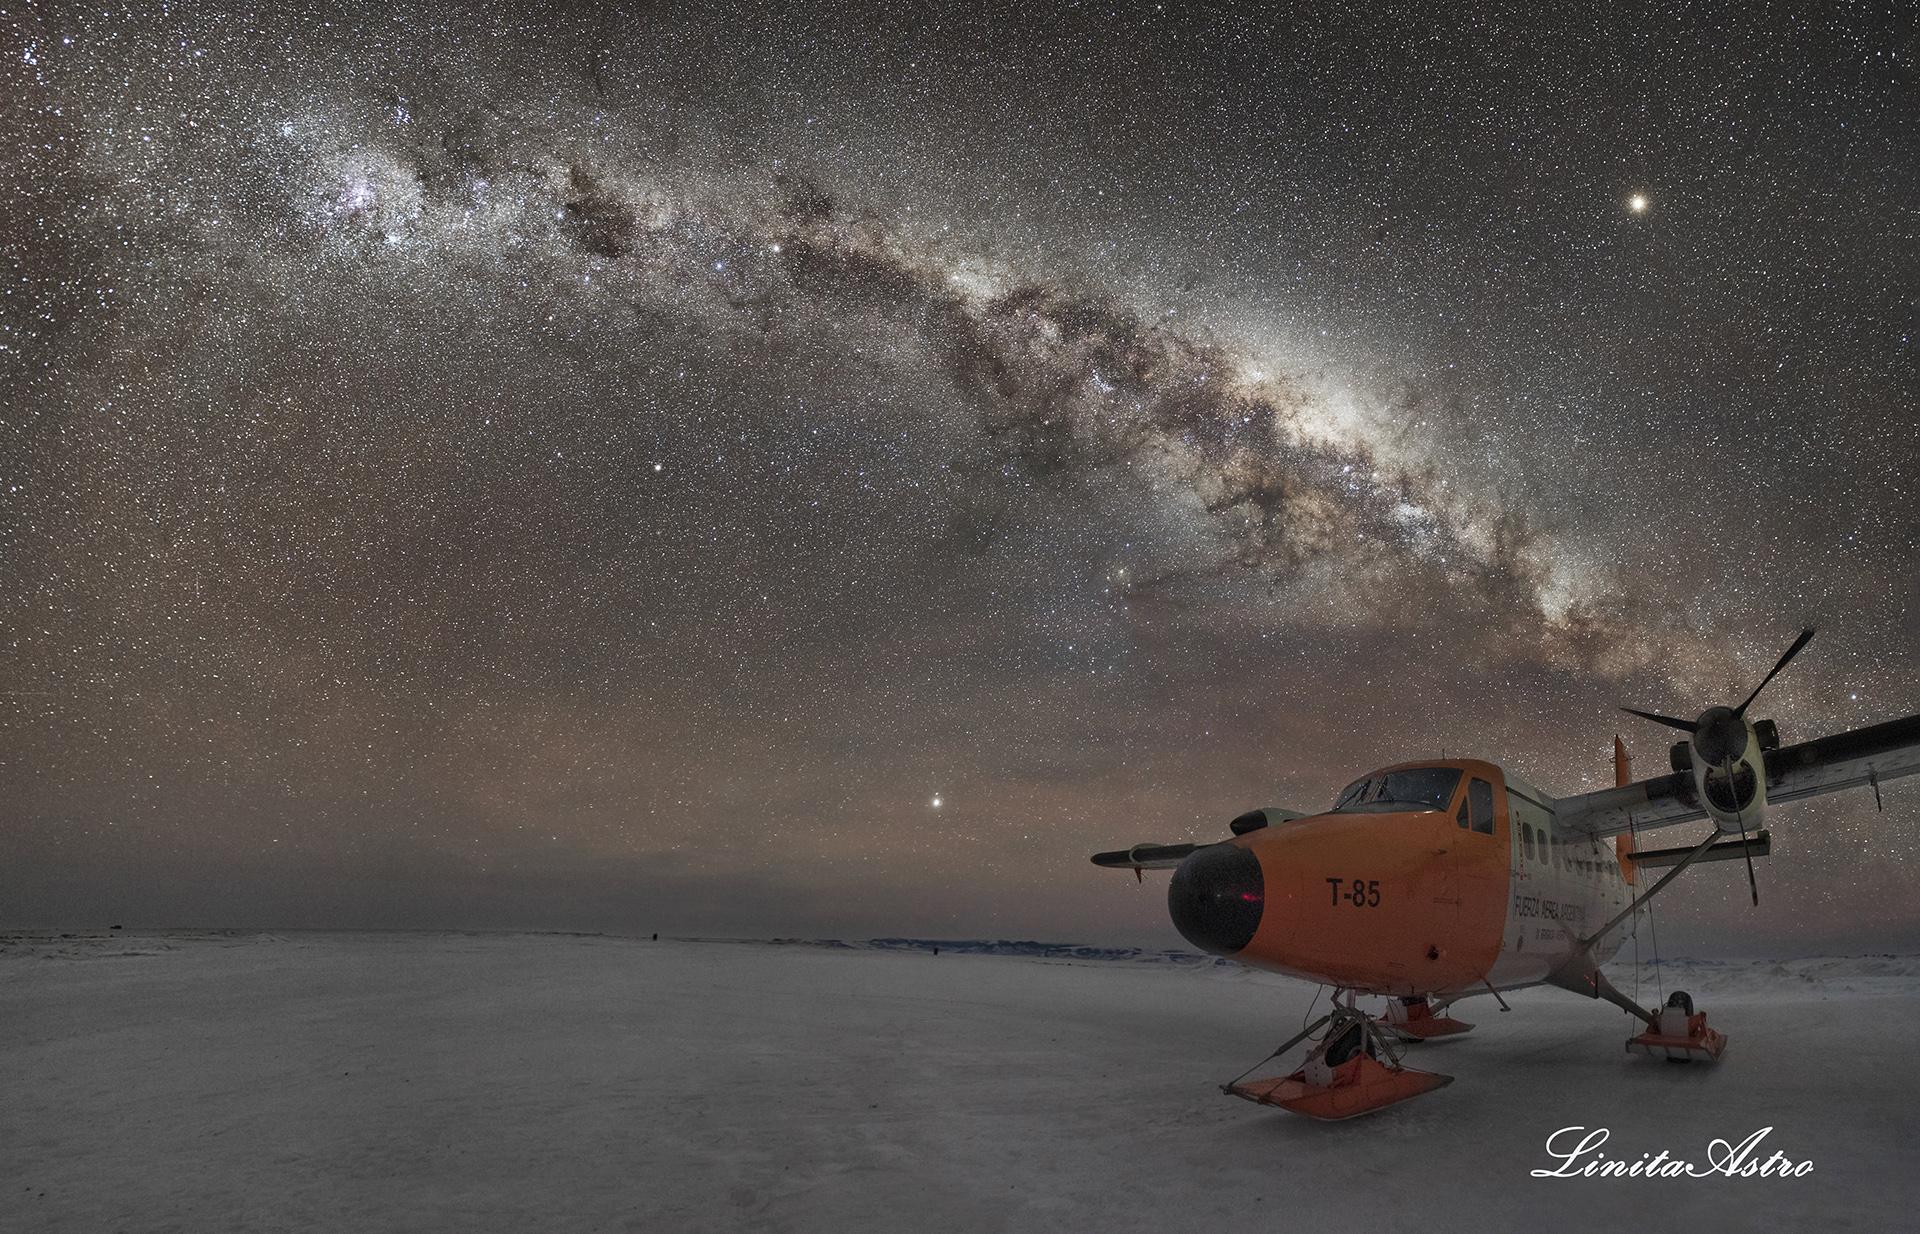 """""""Twin lácteo"""": Las Águilas, como llaman a los pilotos y a los mecánicos del avión Twin Otter, sacaron la aeronave para que Jorgelina la fotografiara junto a las miles de estrellas que se dejaron ver esa noche. """"Fue una noche hermosa. Hacían dos grados positivos, el viento estaba calmo y el cielo totalmente despejado"""". Ese es el avión que se usa para volar por la Antártida."""